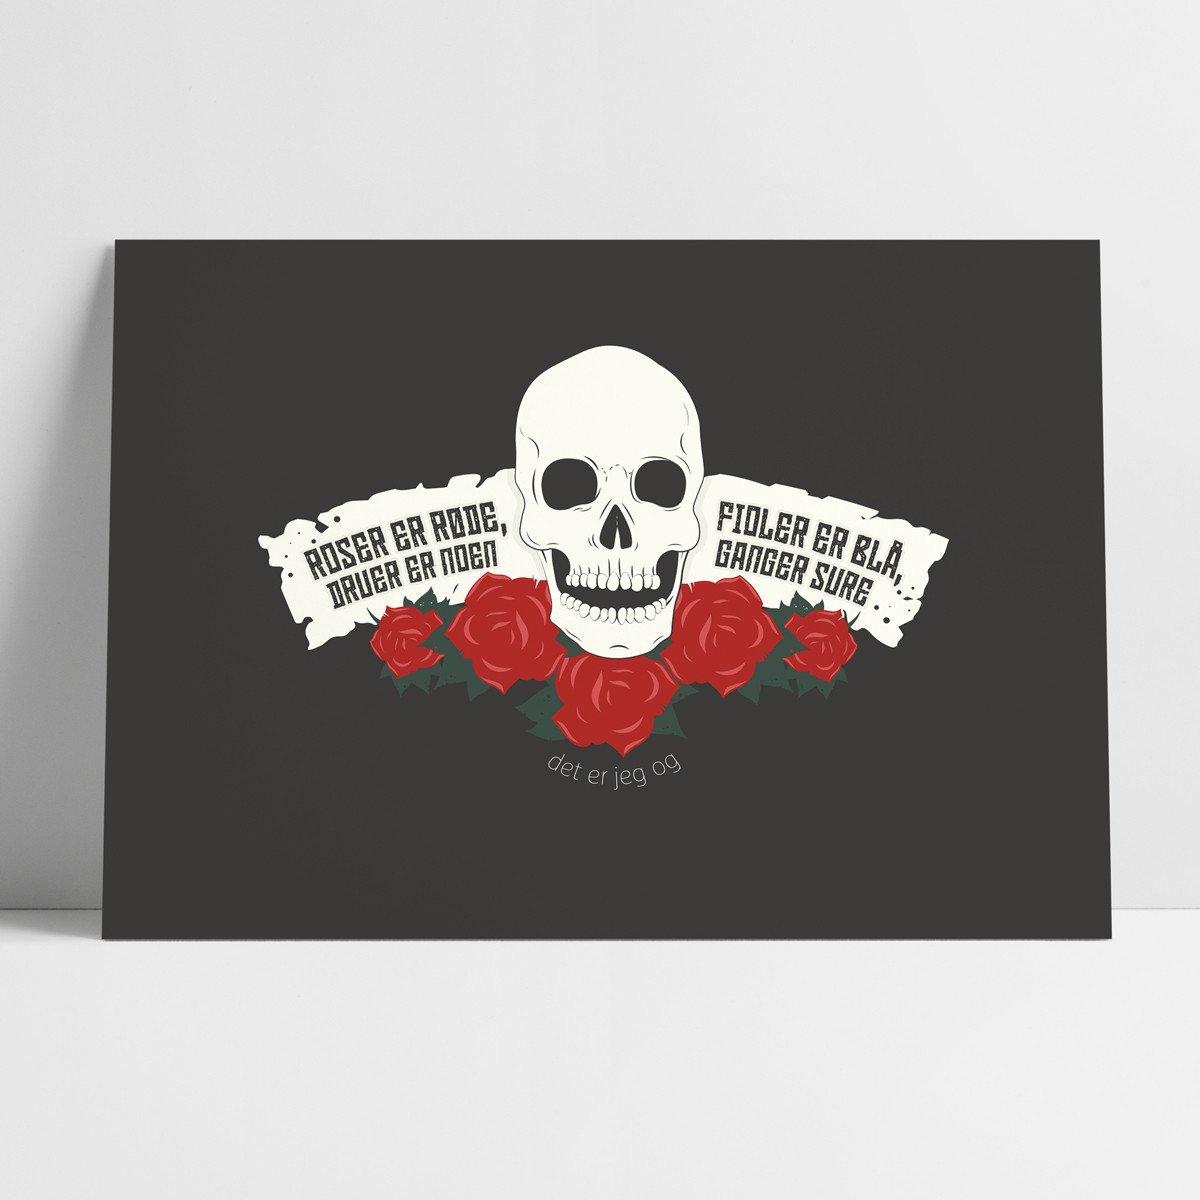 Probat - Plakat - roser er røde